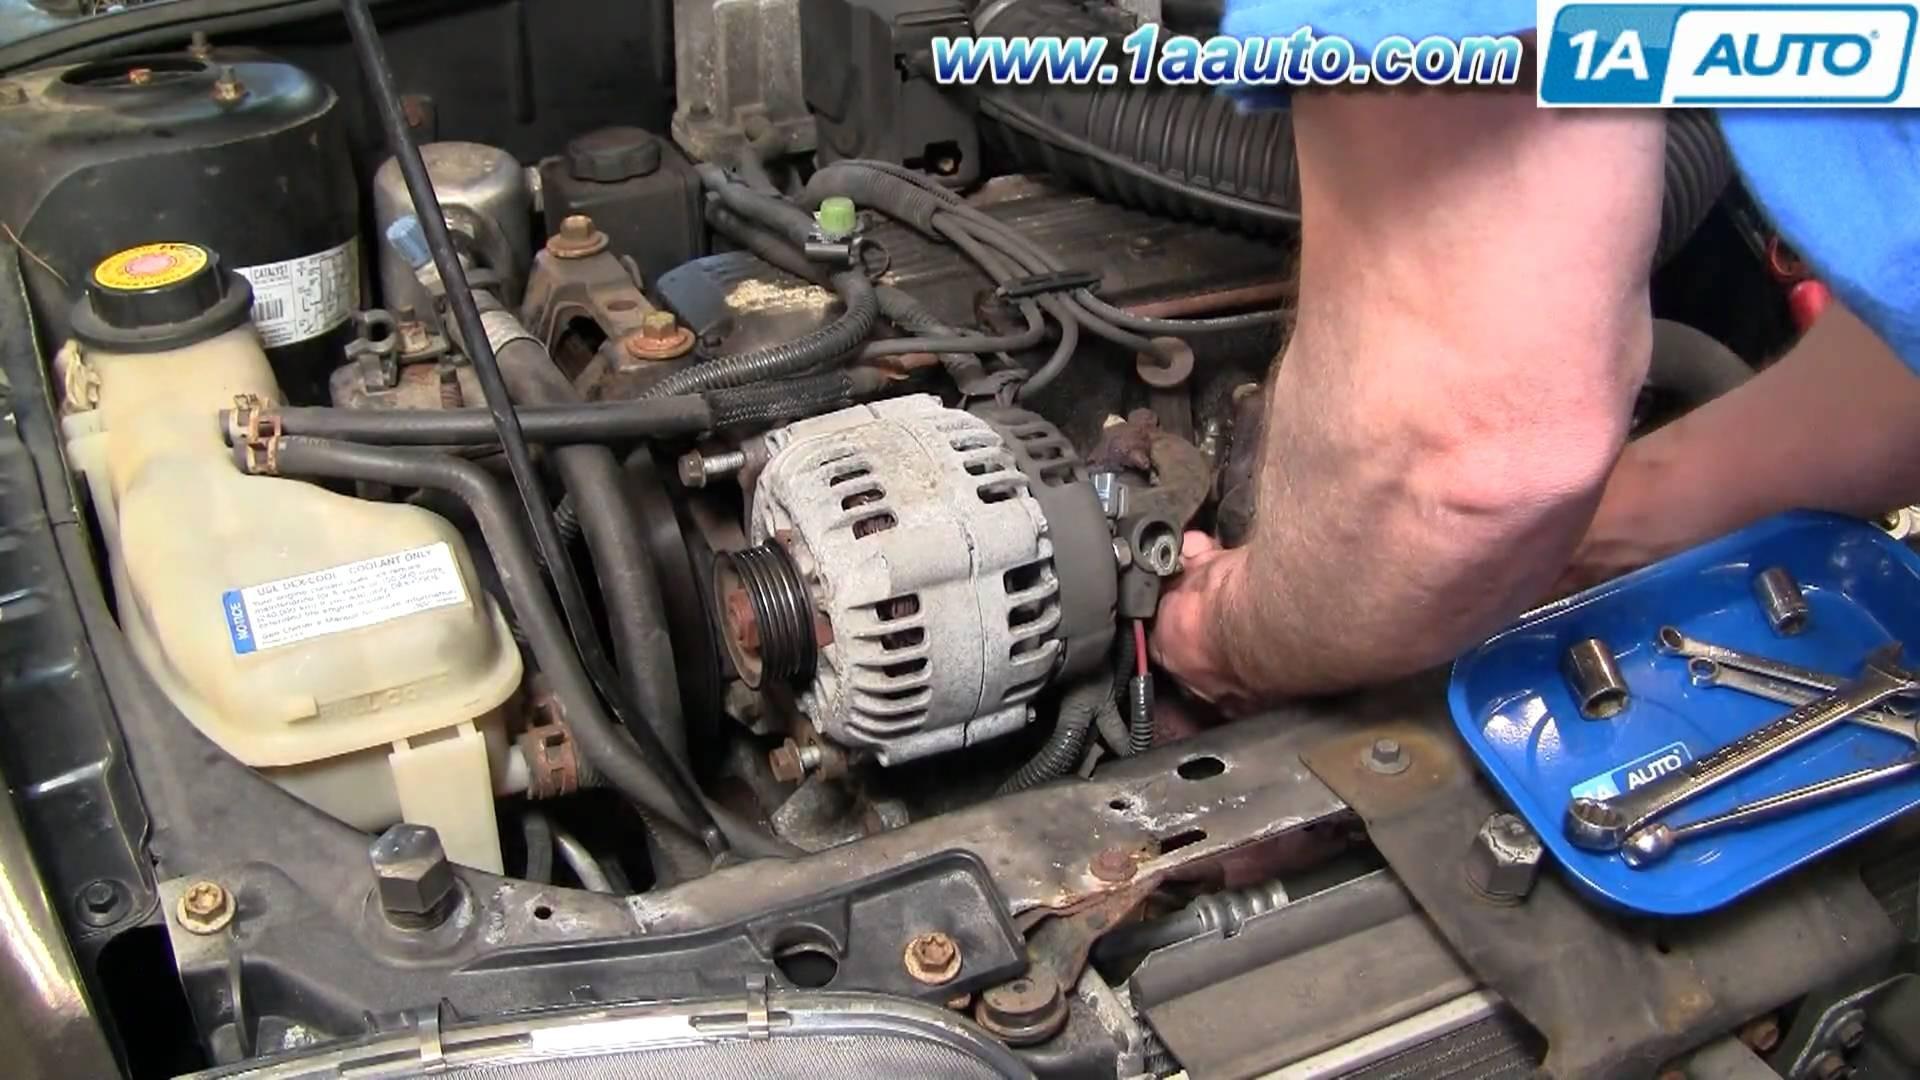 Pontiac Sunfire Engine Diagram How To Install Replace Alternator 2 Cavalier 2l 95 05 1aauto